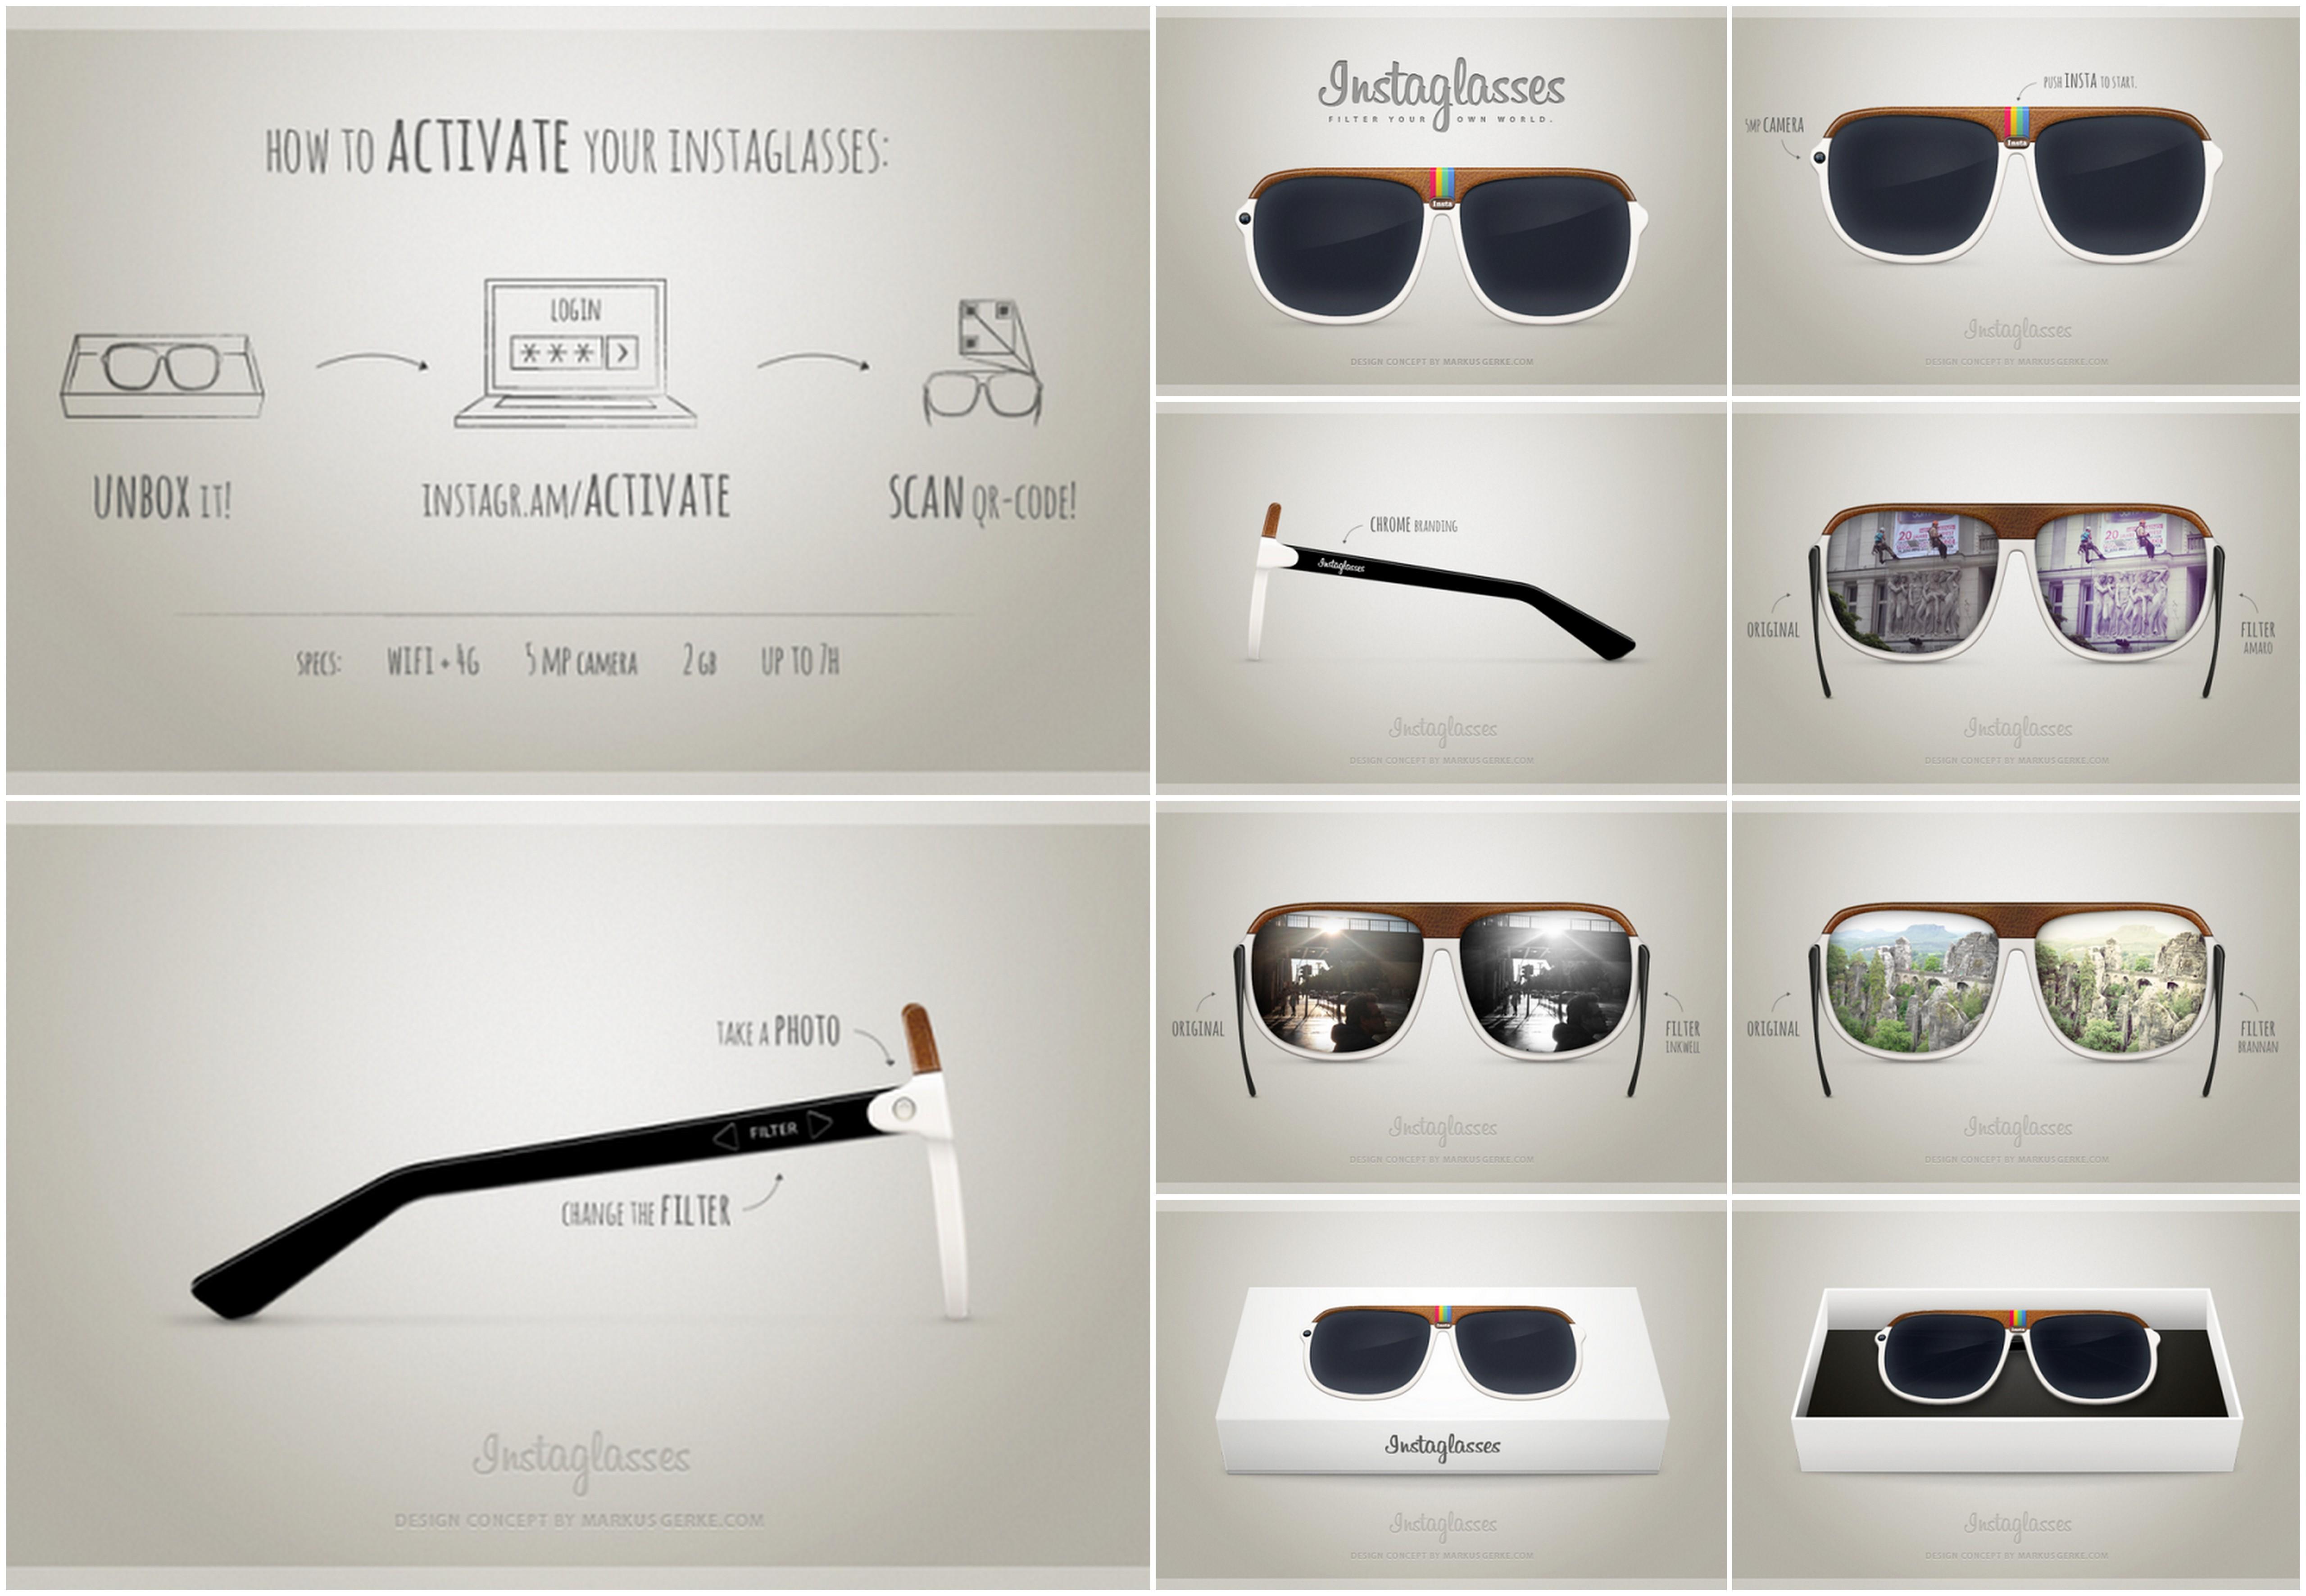 Gafas con filtros de Instagram